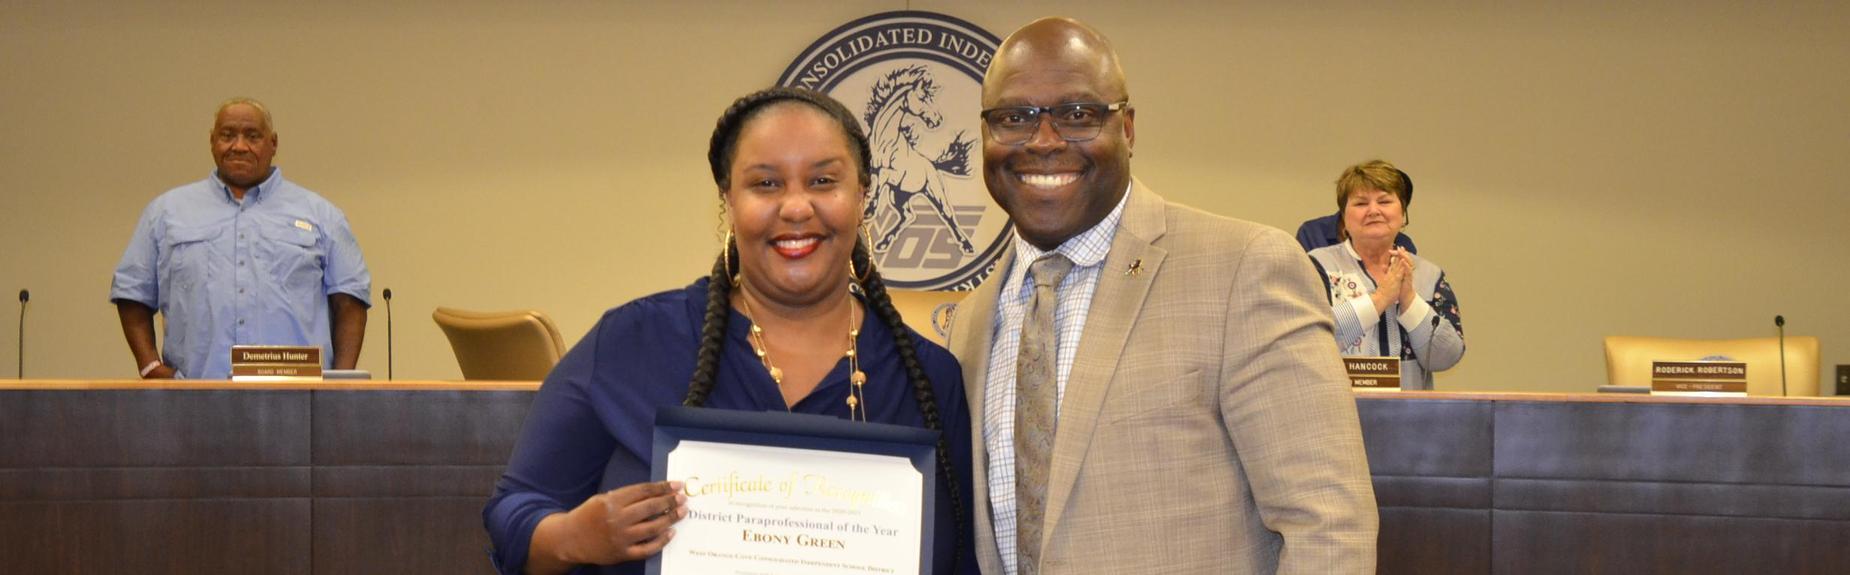 Ebony Green Award